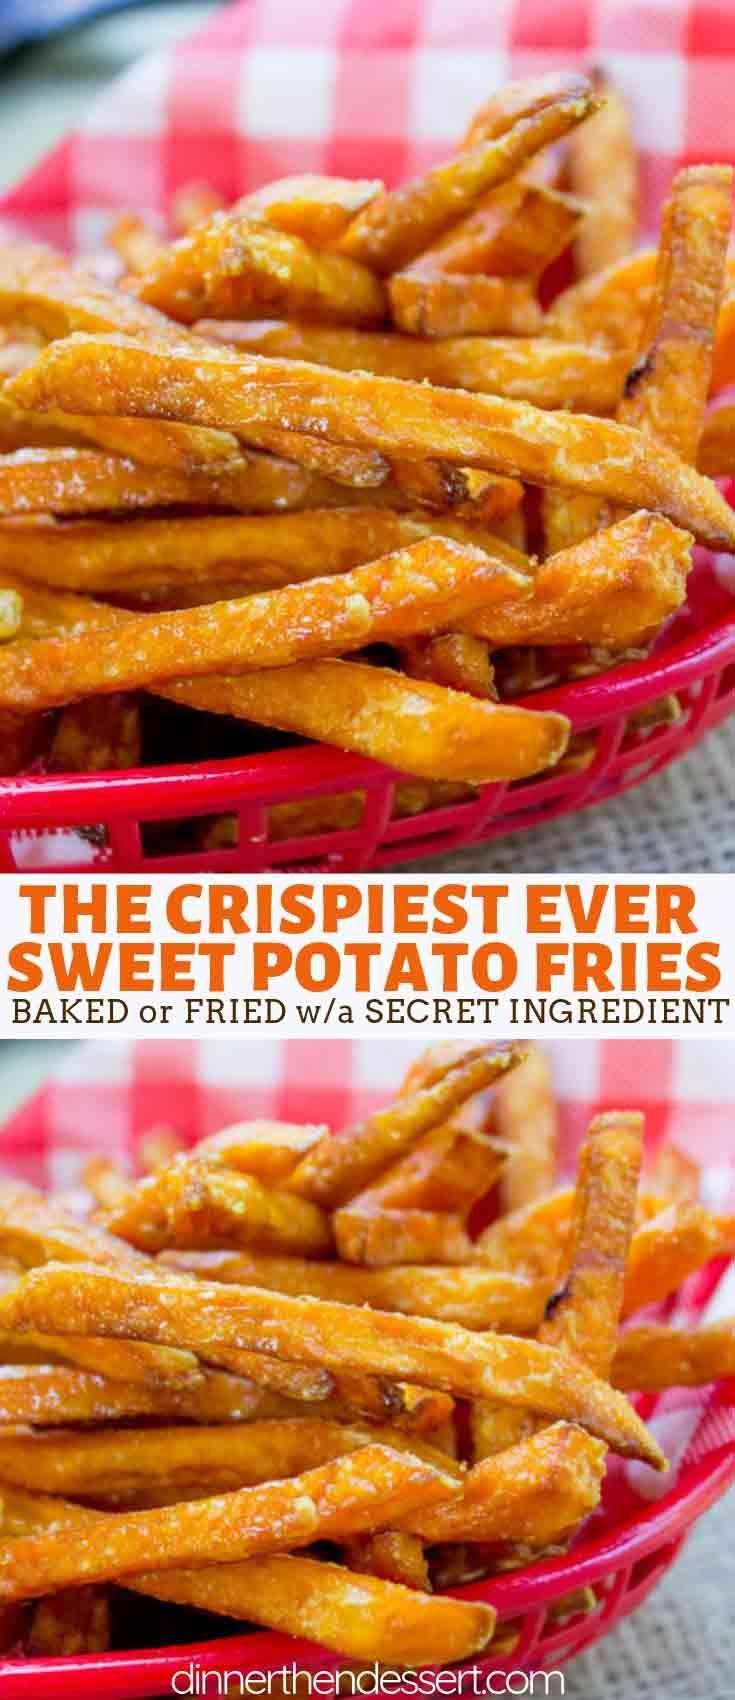 Knusprige Süßkartoffel-Pommes, die perfekt knusprig sind und im Mittel ... -